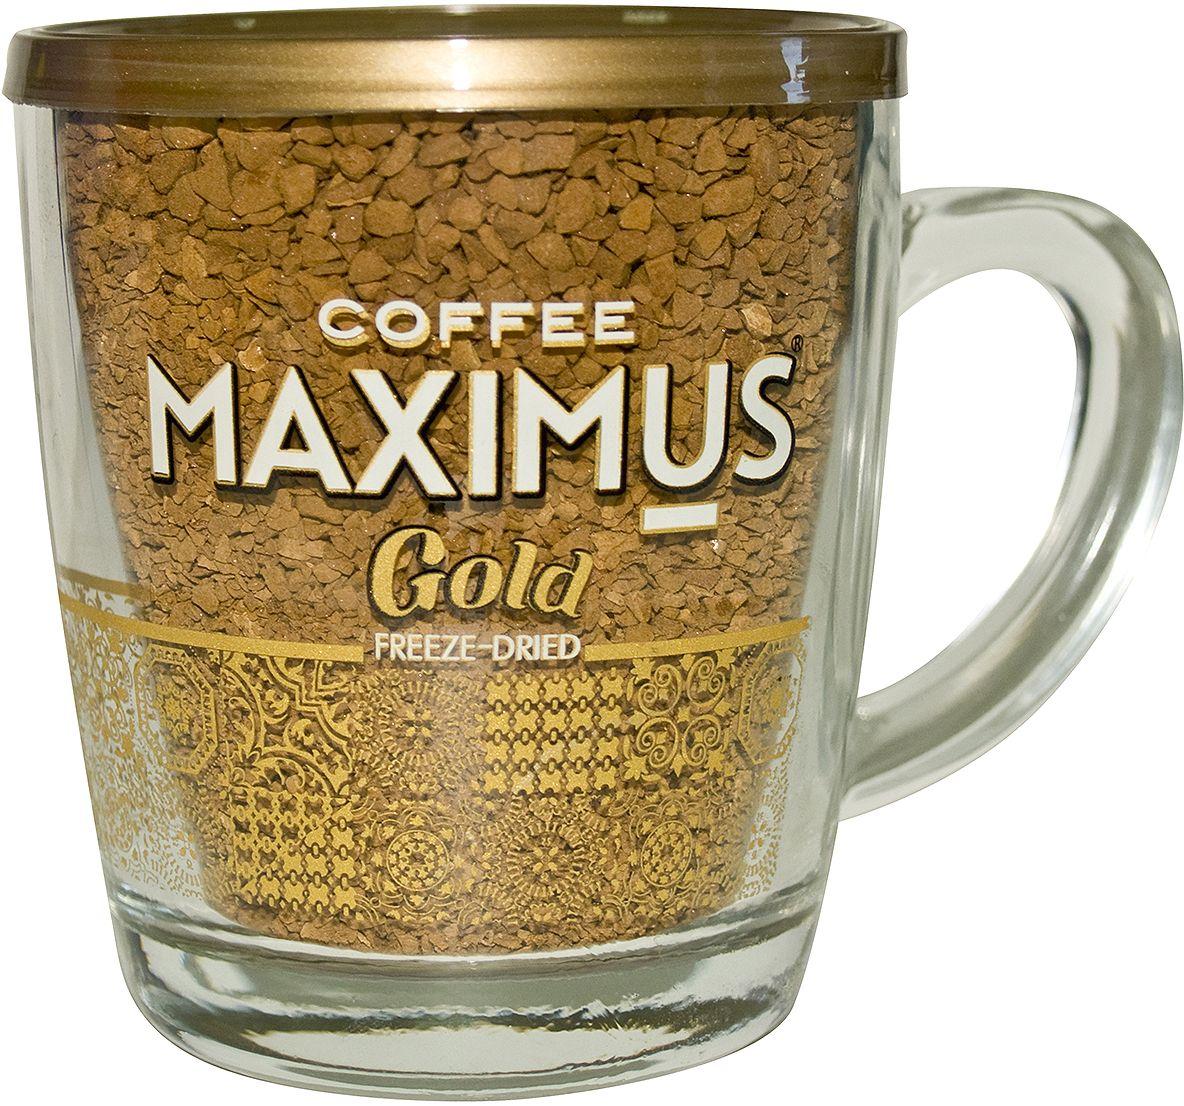 Maximus Gold кофе растворимый в стеклянной кружке, 70 г4607051541689Прекрасно сбалансированный и богатый по вкусу кофе с тонким, приятным ароматом. Maximus Gold обладает хорошей крепостью и станет отличным выбором для любителей крепкого, бодрящего кофе.